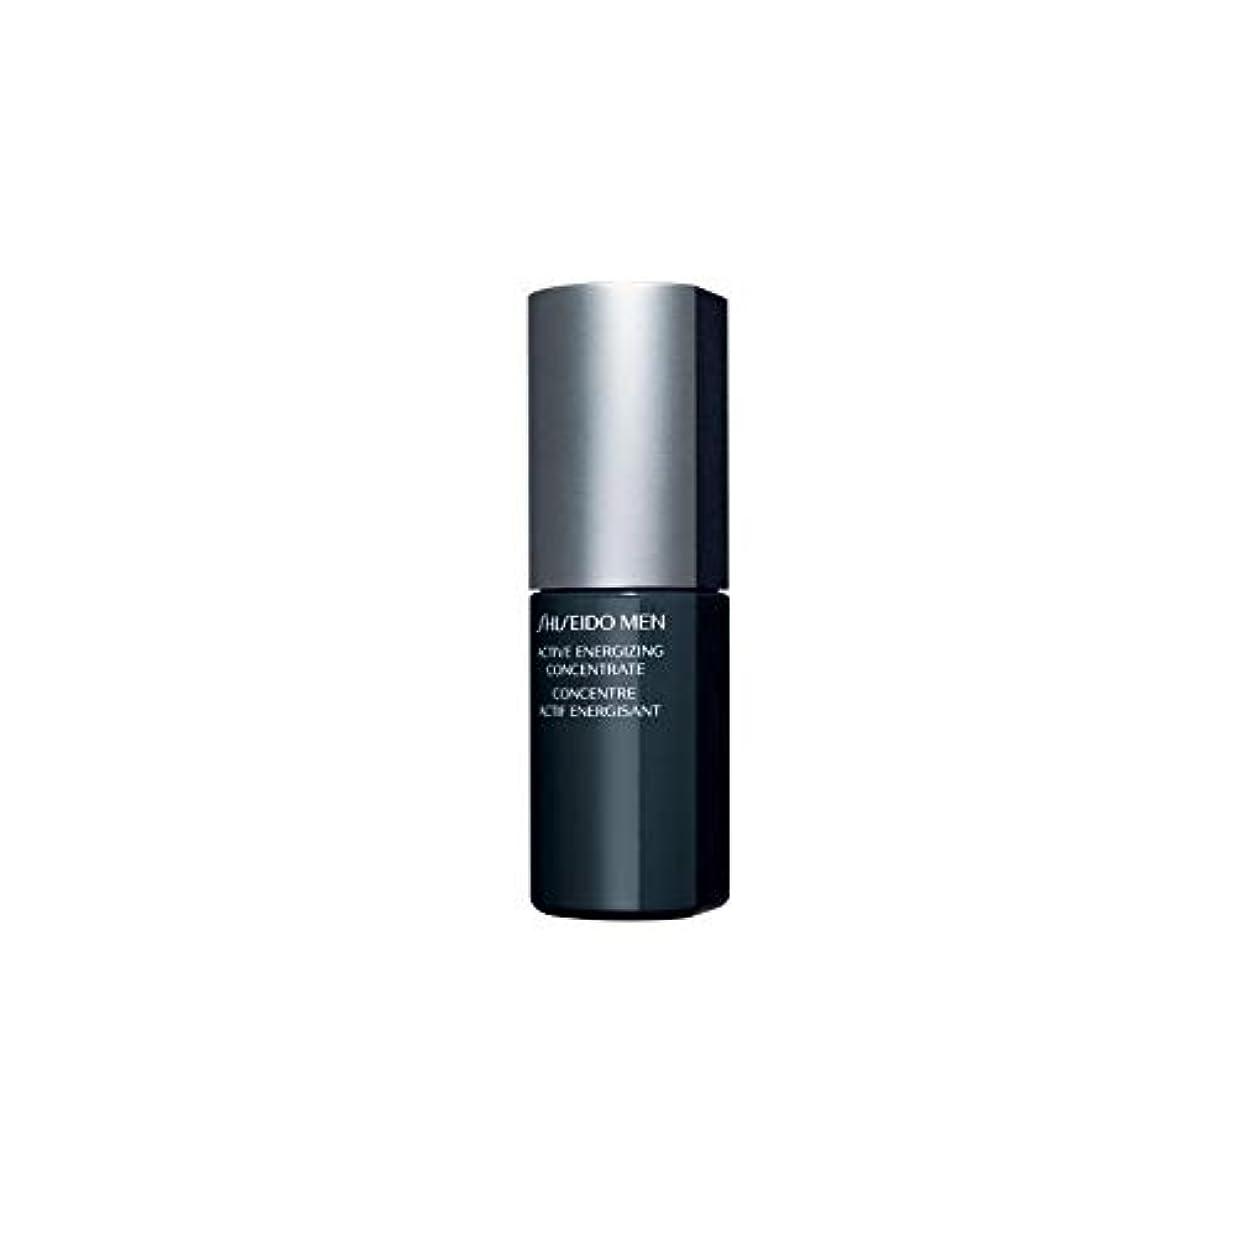 ジュース画家扇動する[Shiseido ] 資生堂メンズアクティブ通電濃縮液(50ミリリットル) - Shiseido Mens Active Energizing Concentrate (50ml) [並行輸入品]